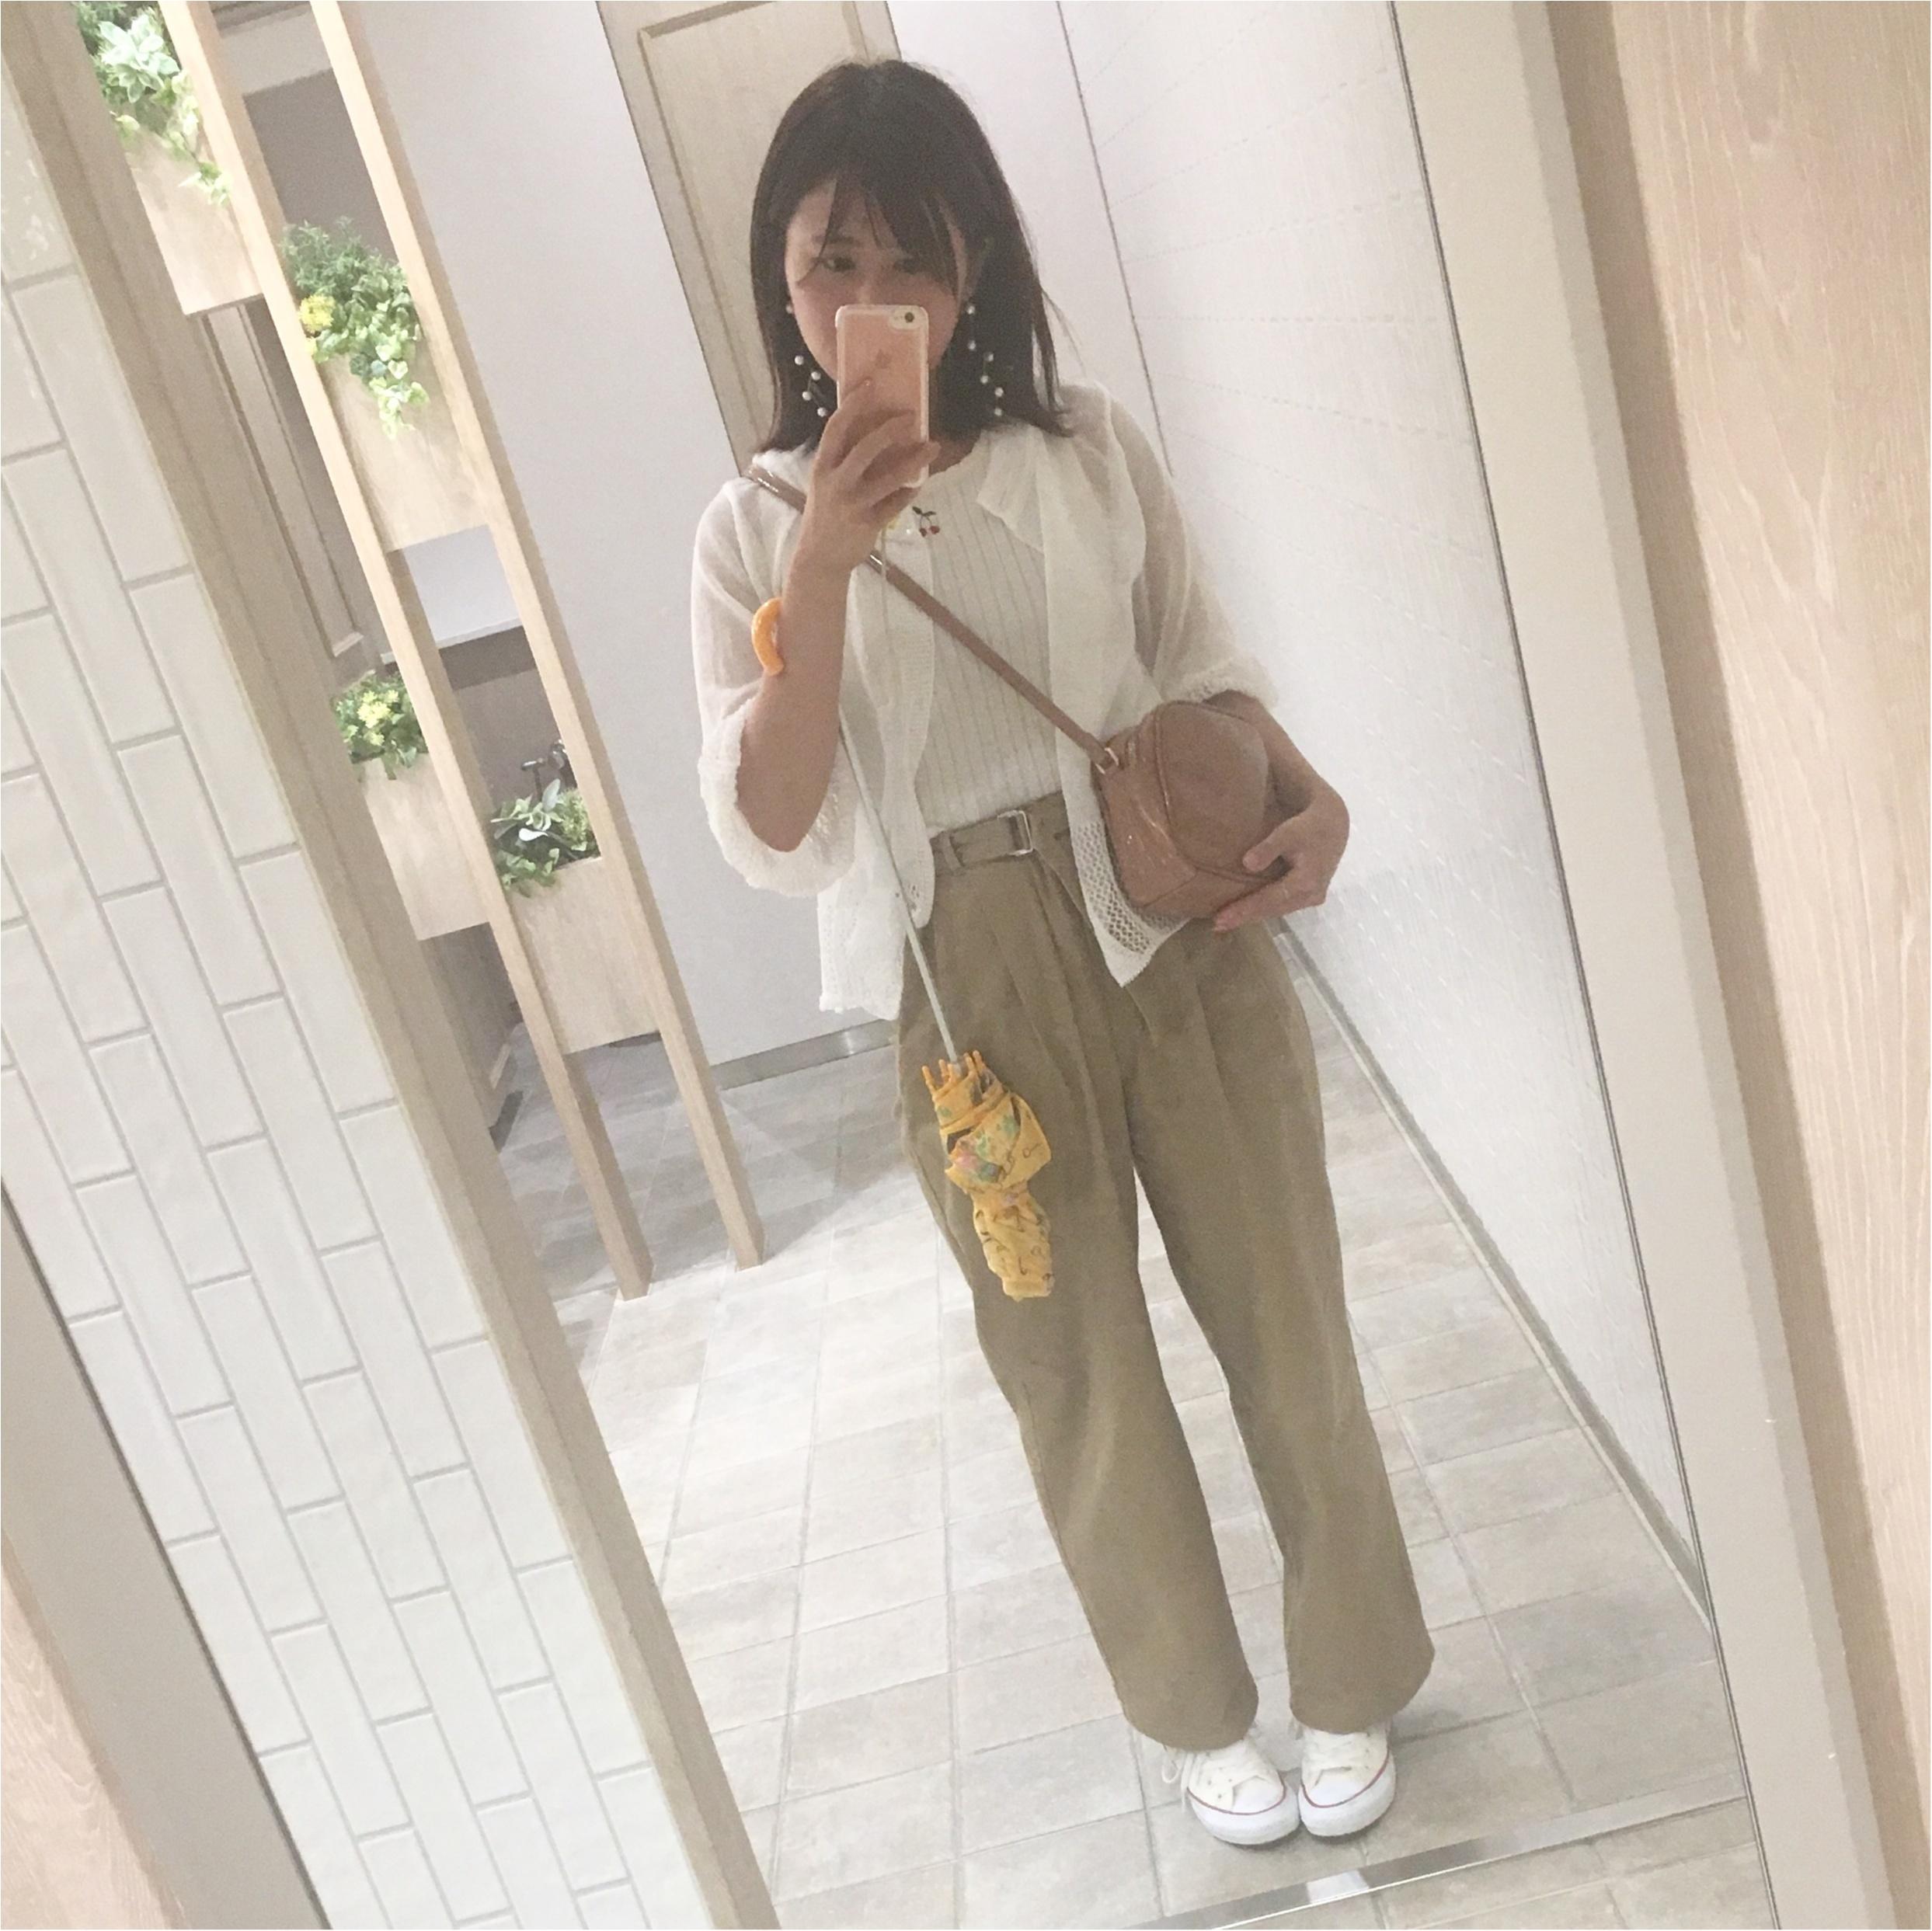 【今週のコーデまとめ】夏休みスペシャル!甘めカジュアル派の7days_6